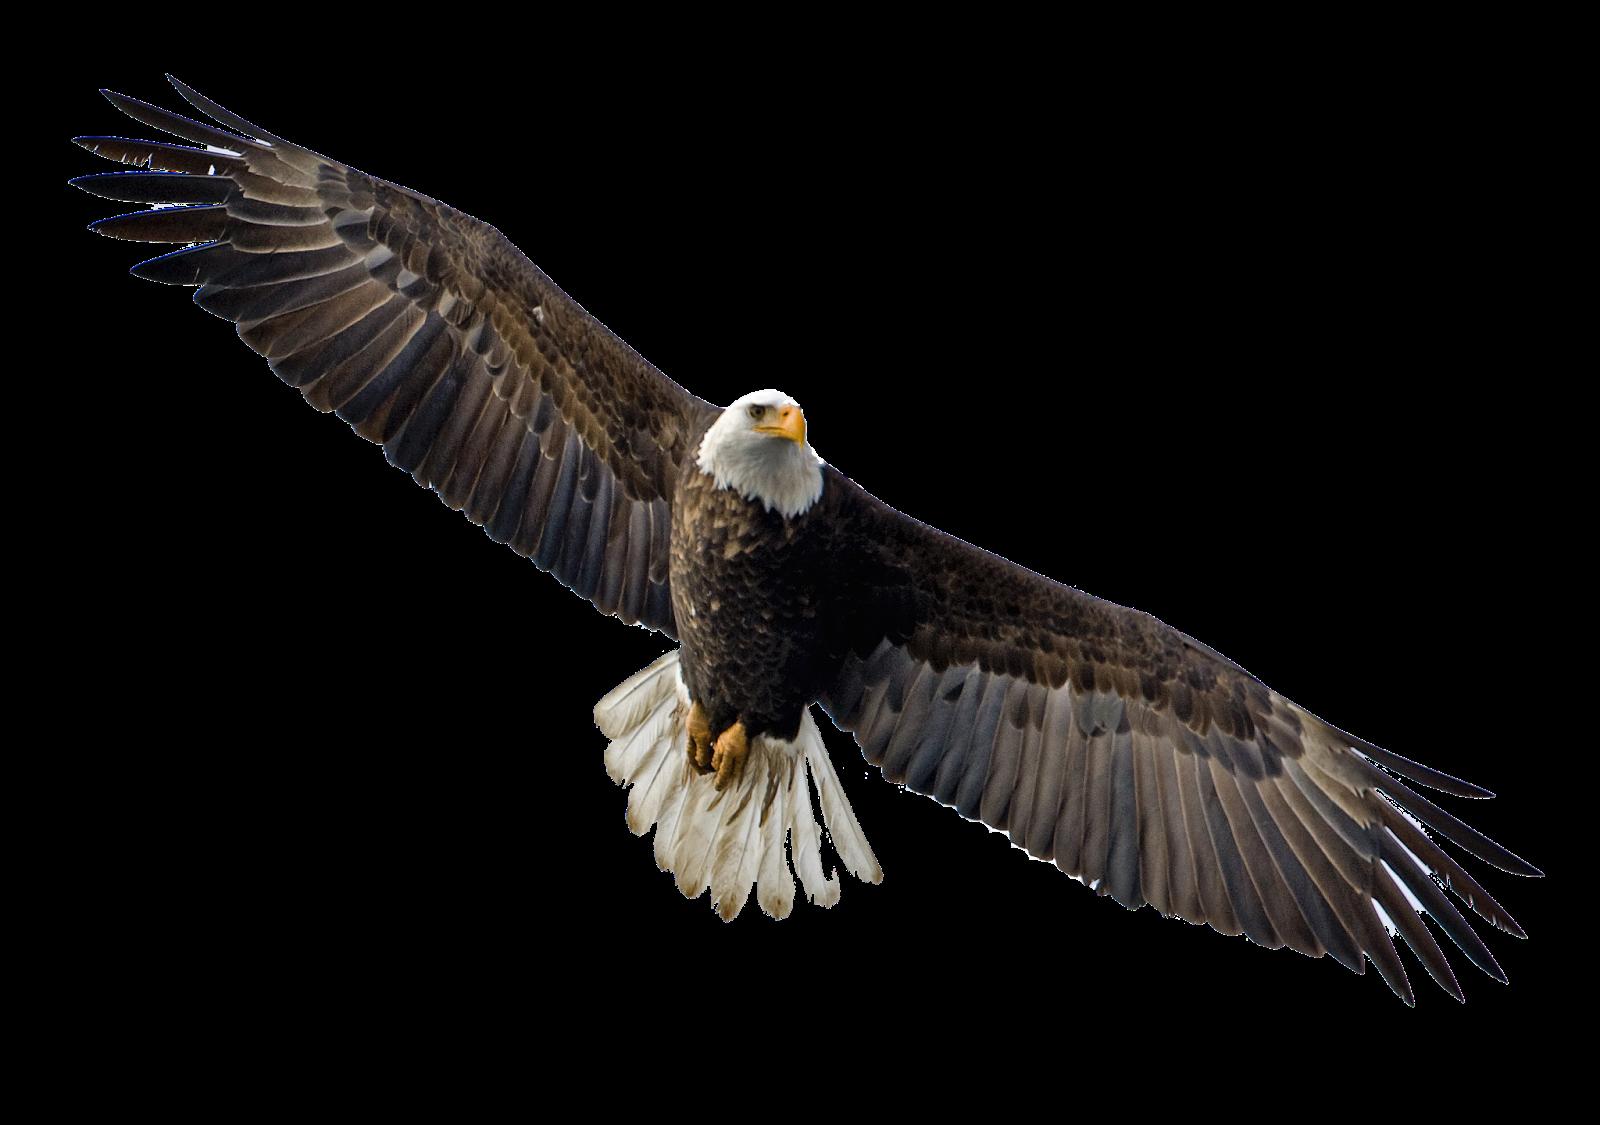 Flying Eagle PNG Image - Eagle HD PNG